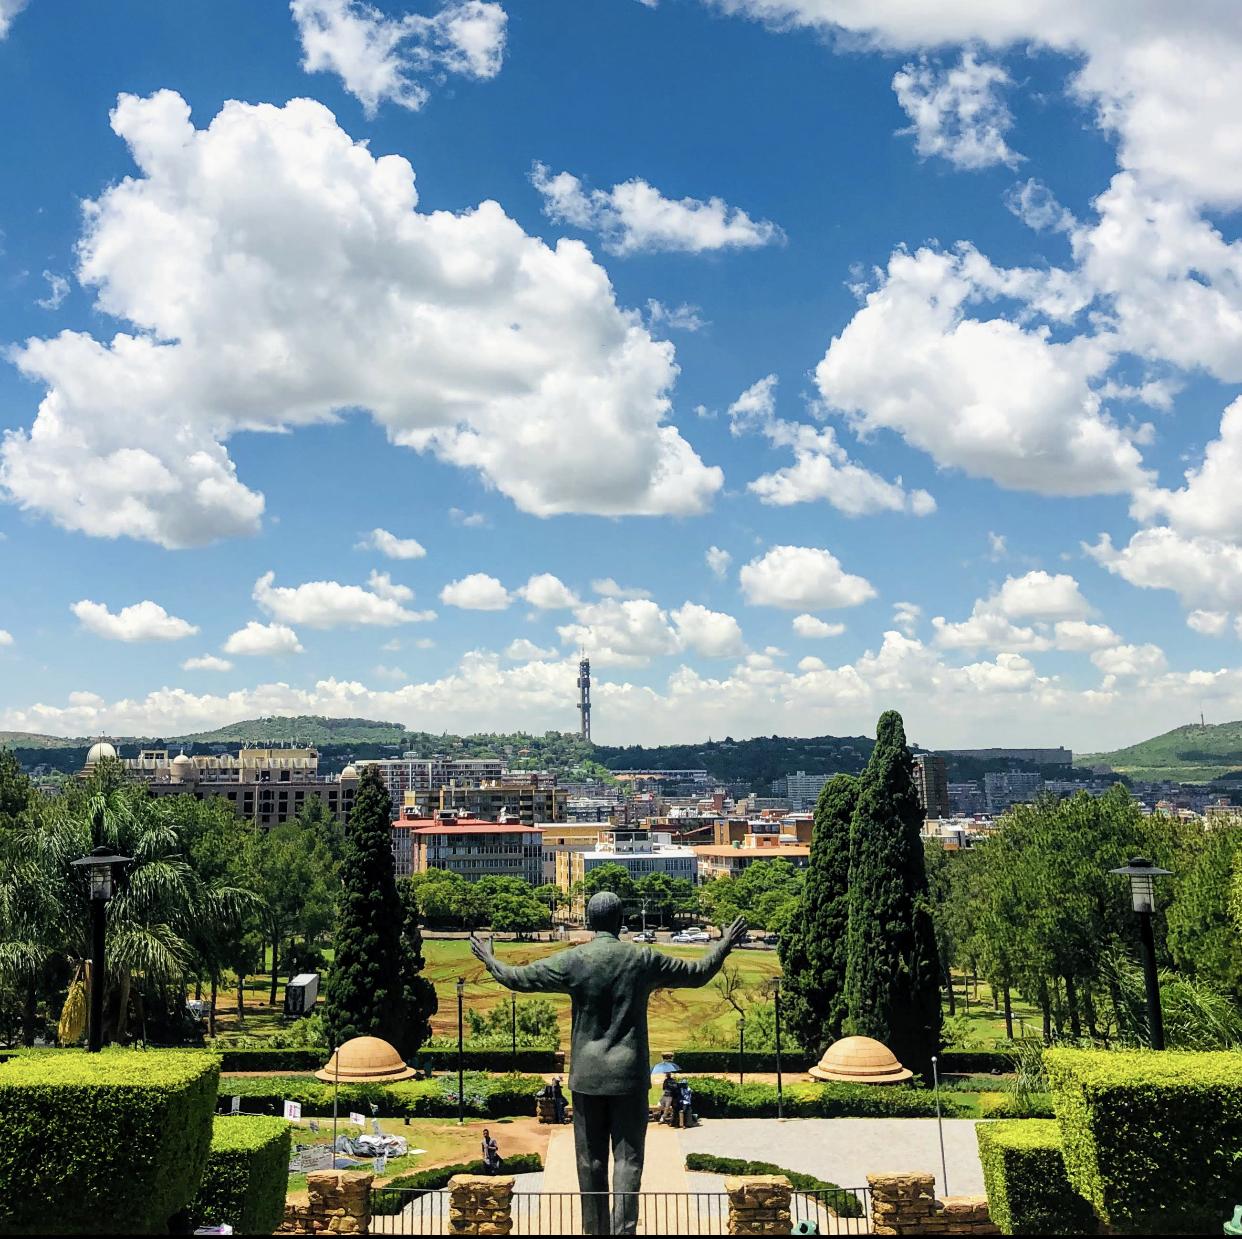 Pretoria Historic and Cullinan Diamond Mine Tour